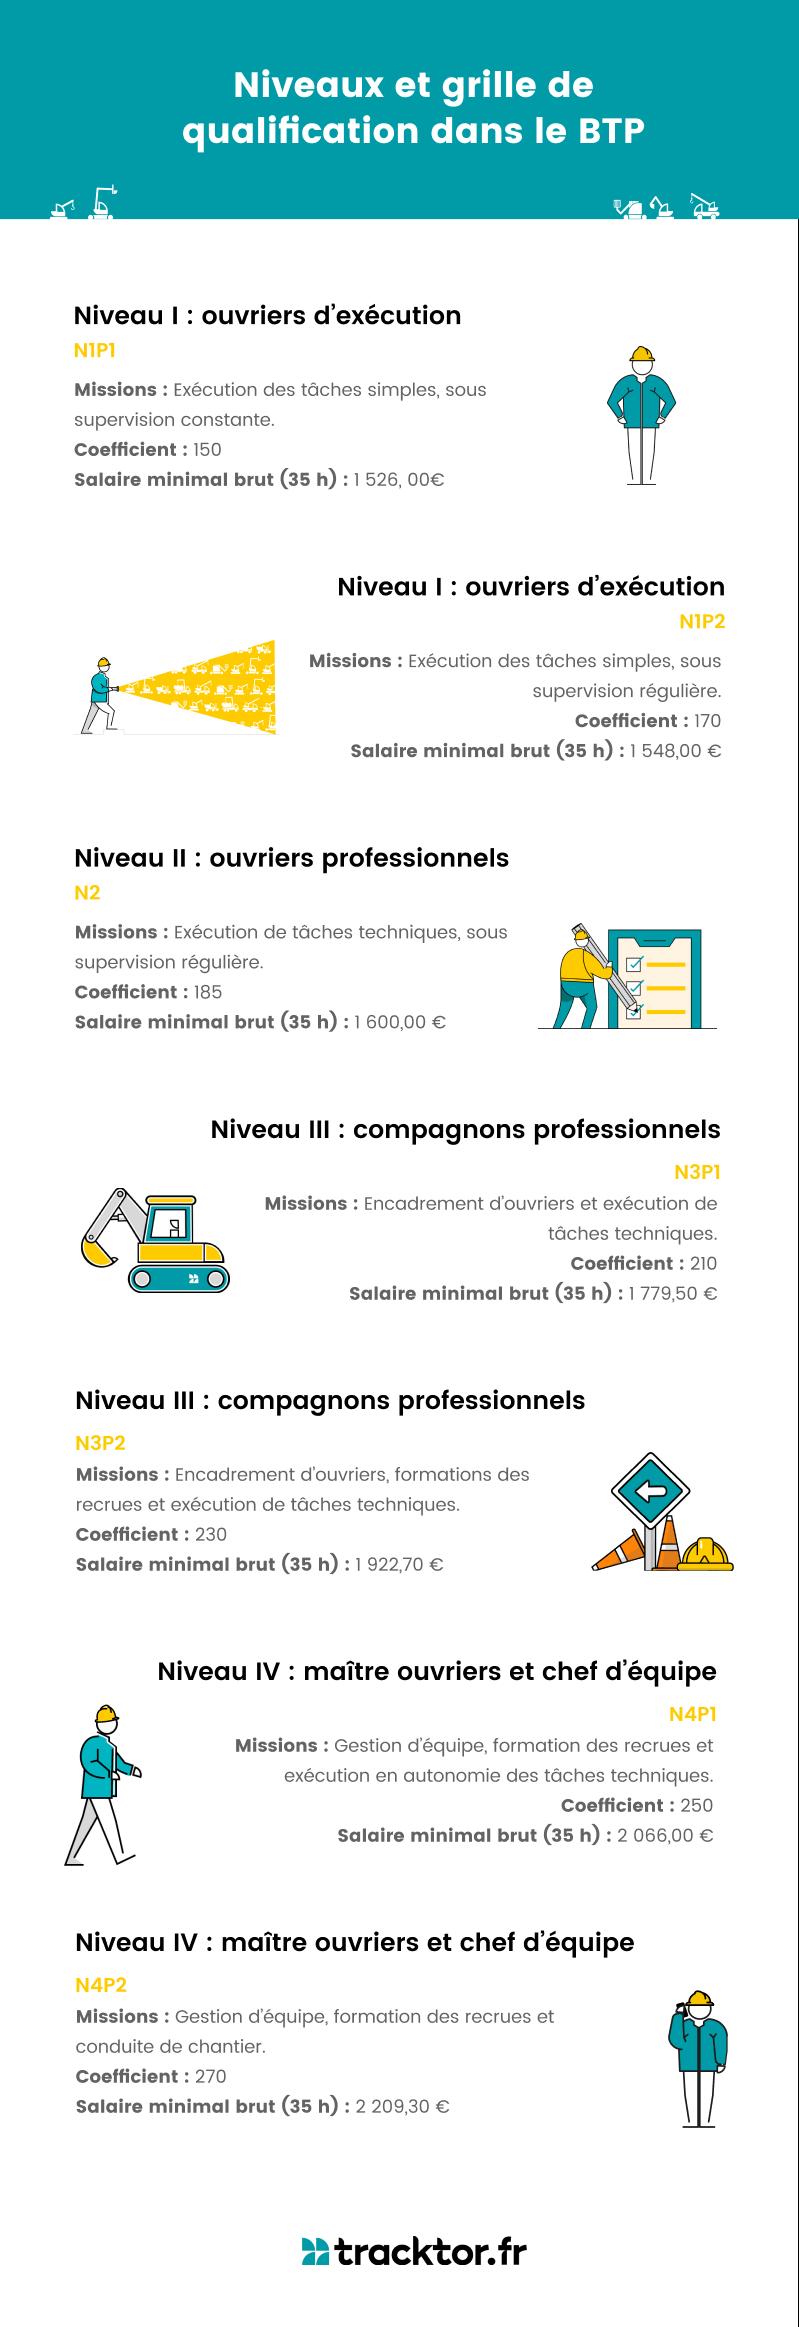 infographie grilles de qualification et niveaux dans le btp